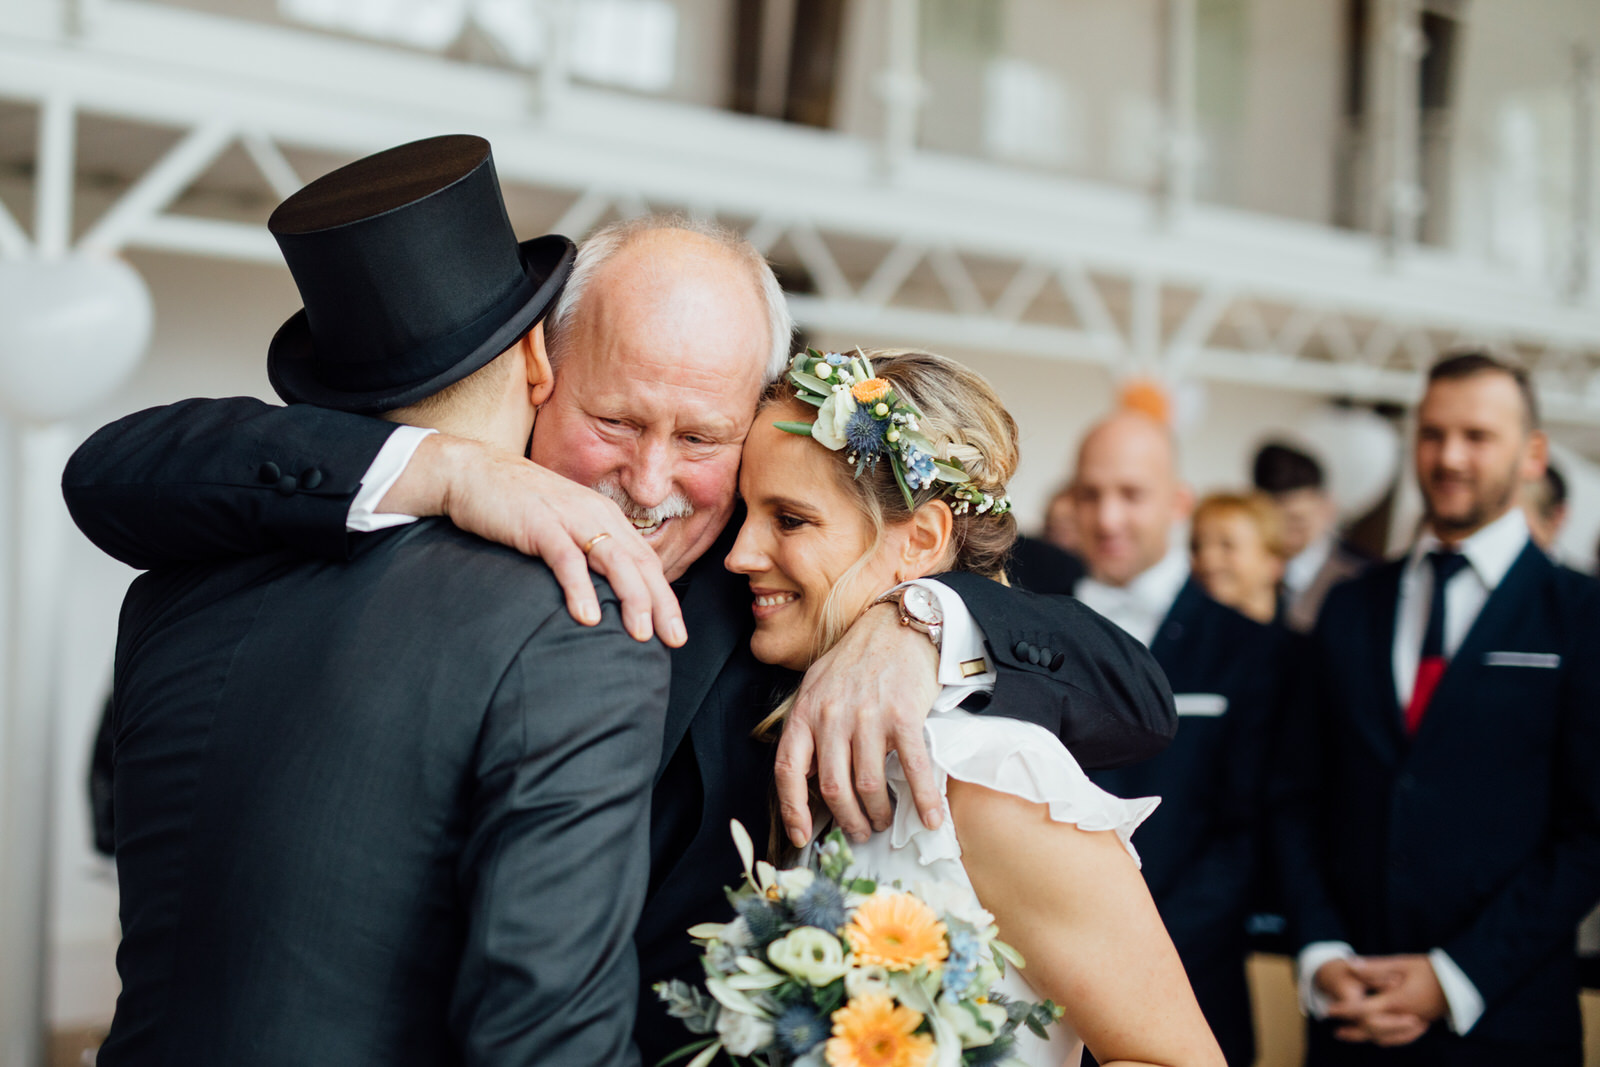 Hochzeitsfotograf_Rödental_Alte_Mühle_Alte_Orangerie_Schloss_Rosenau_100227226.JPG